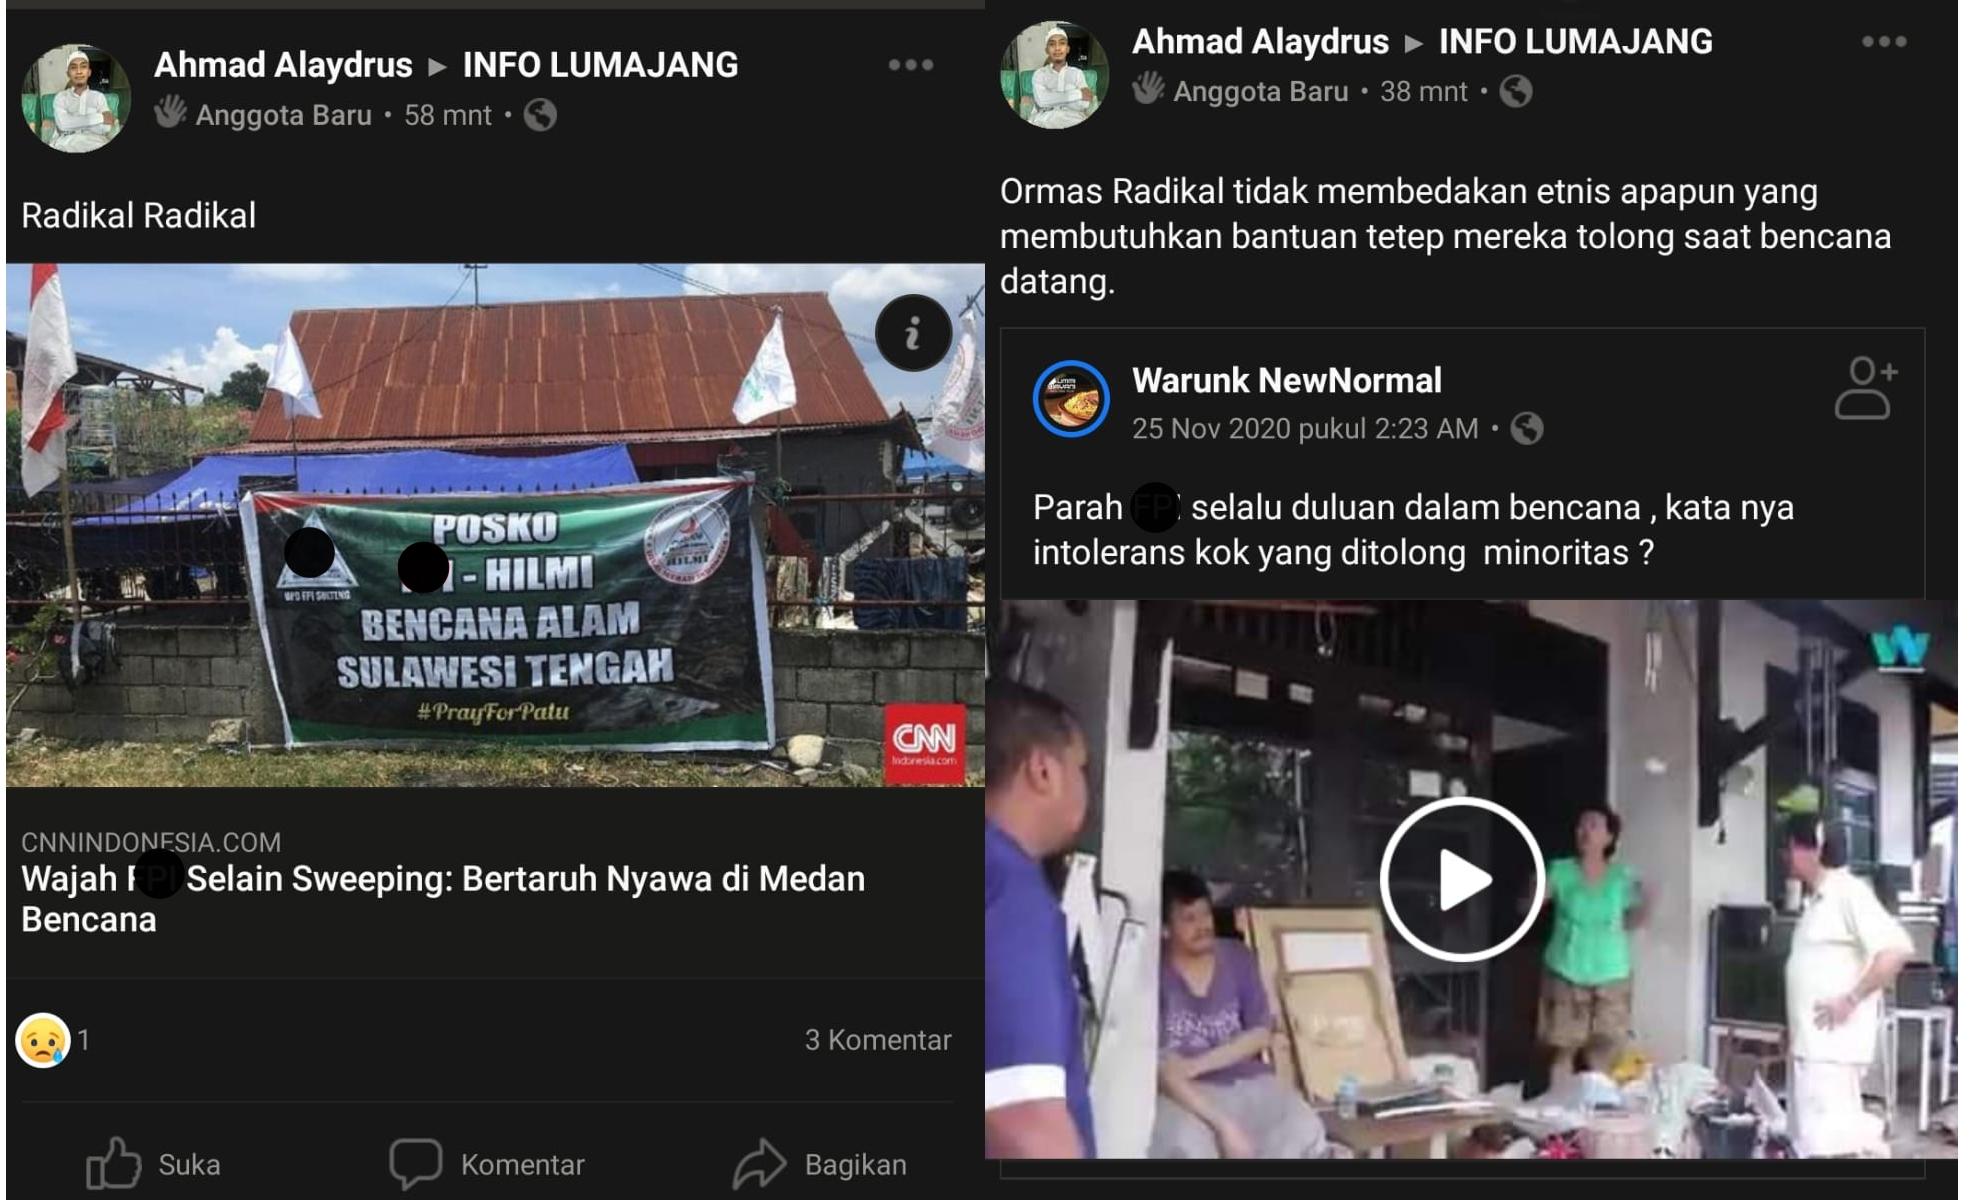 Penyebar Konten FPI Akan Ditindak Tegas